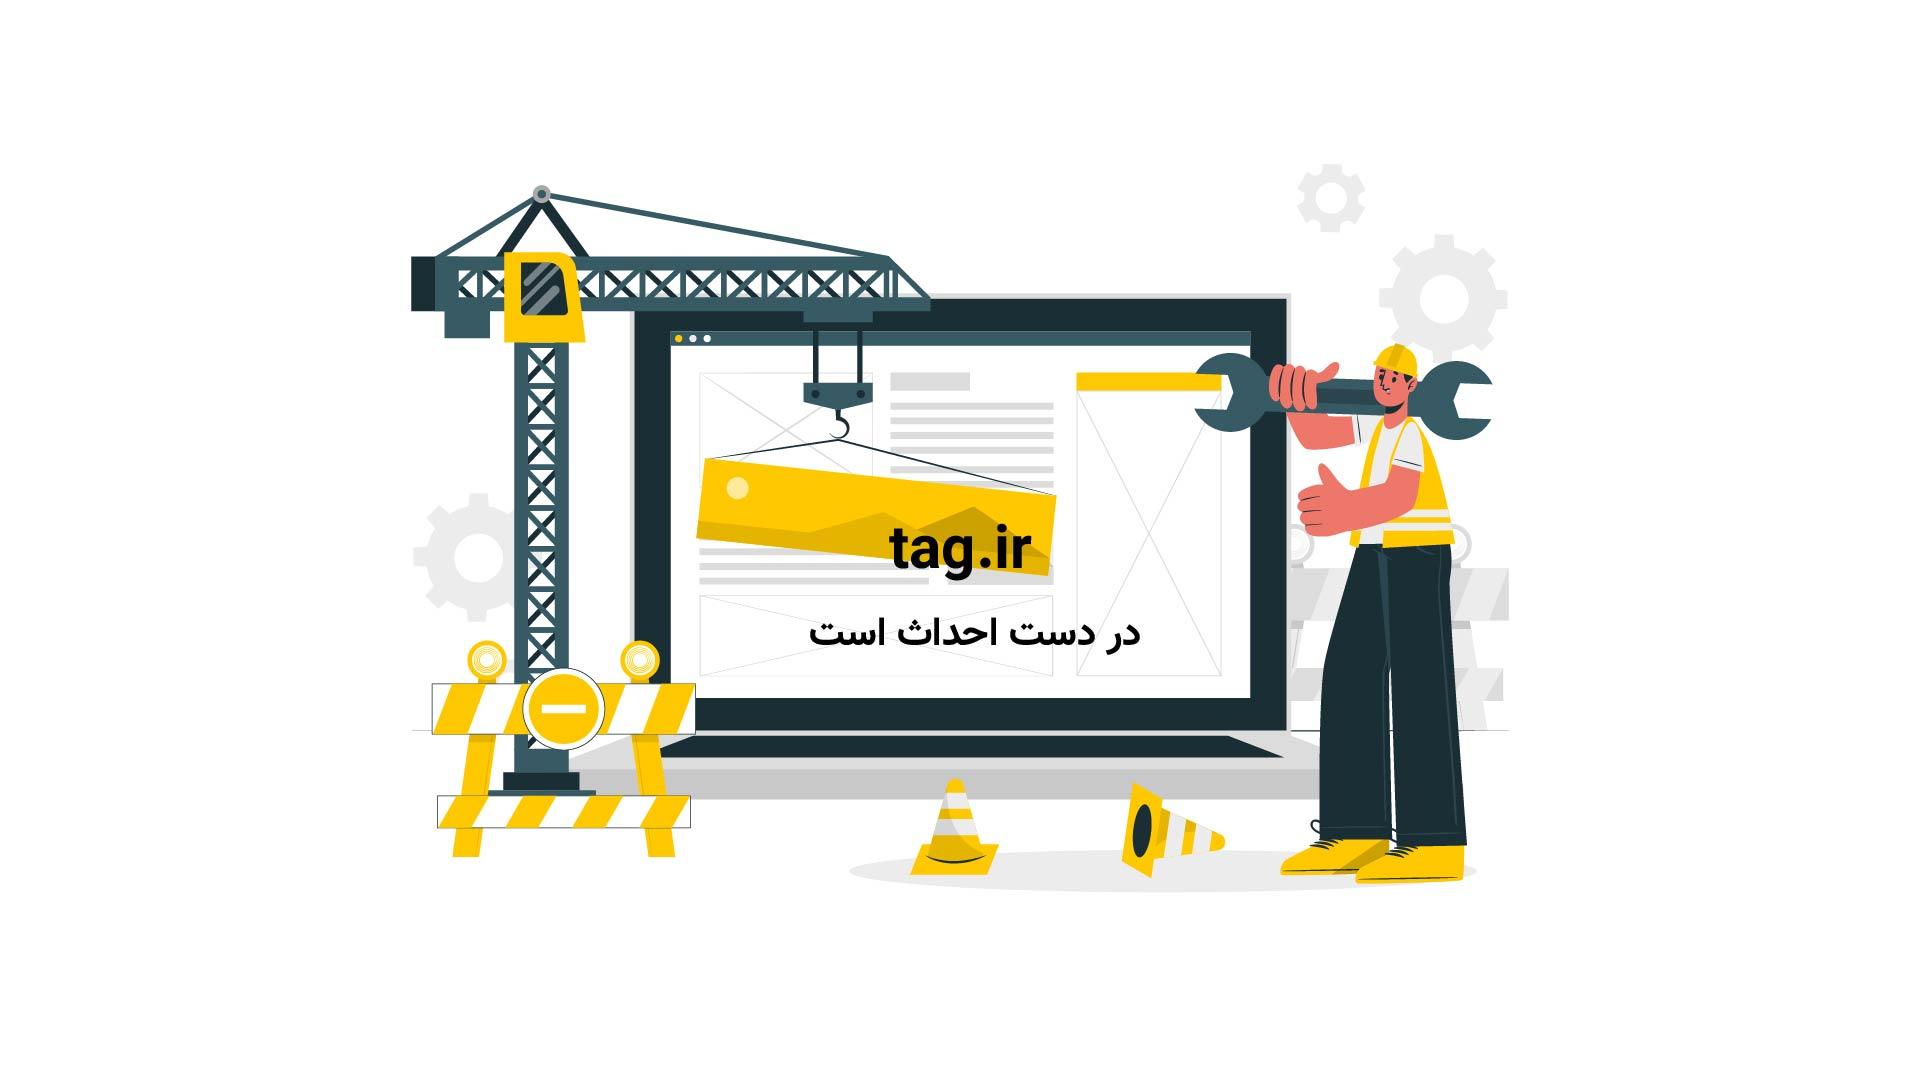 کوه یخی از قطب جنوب جدا شد